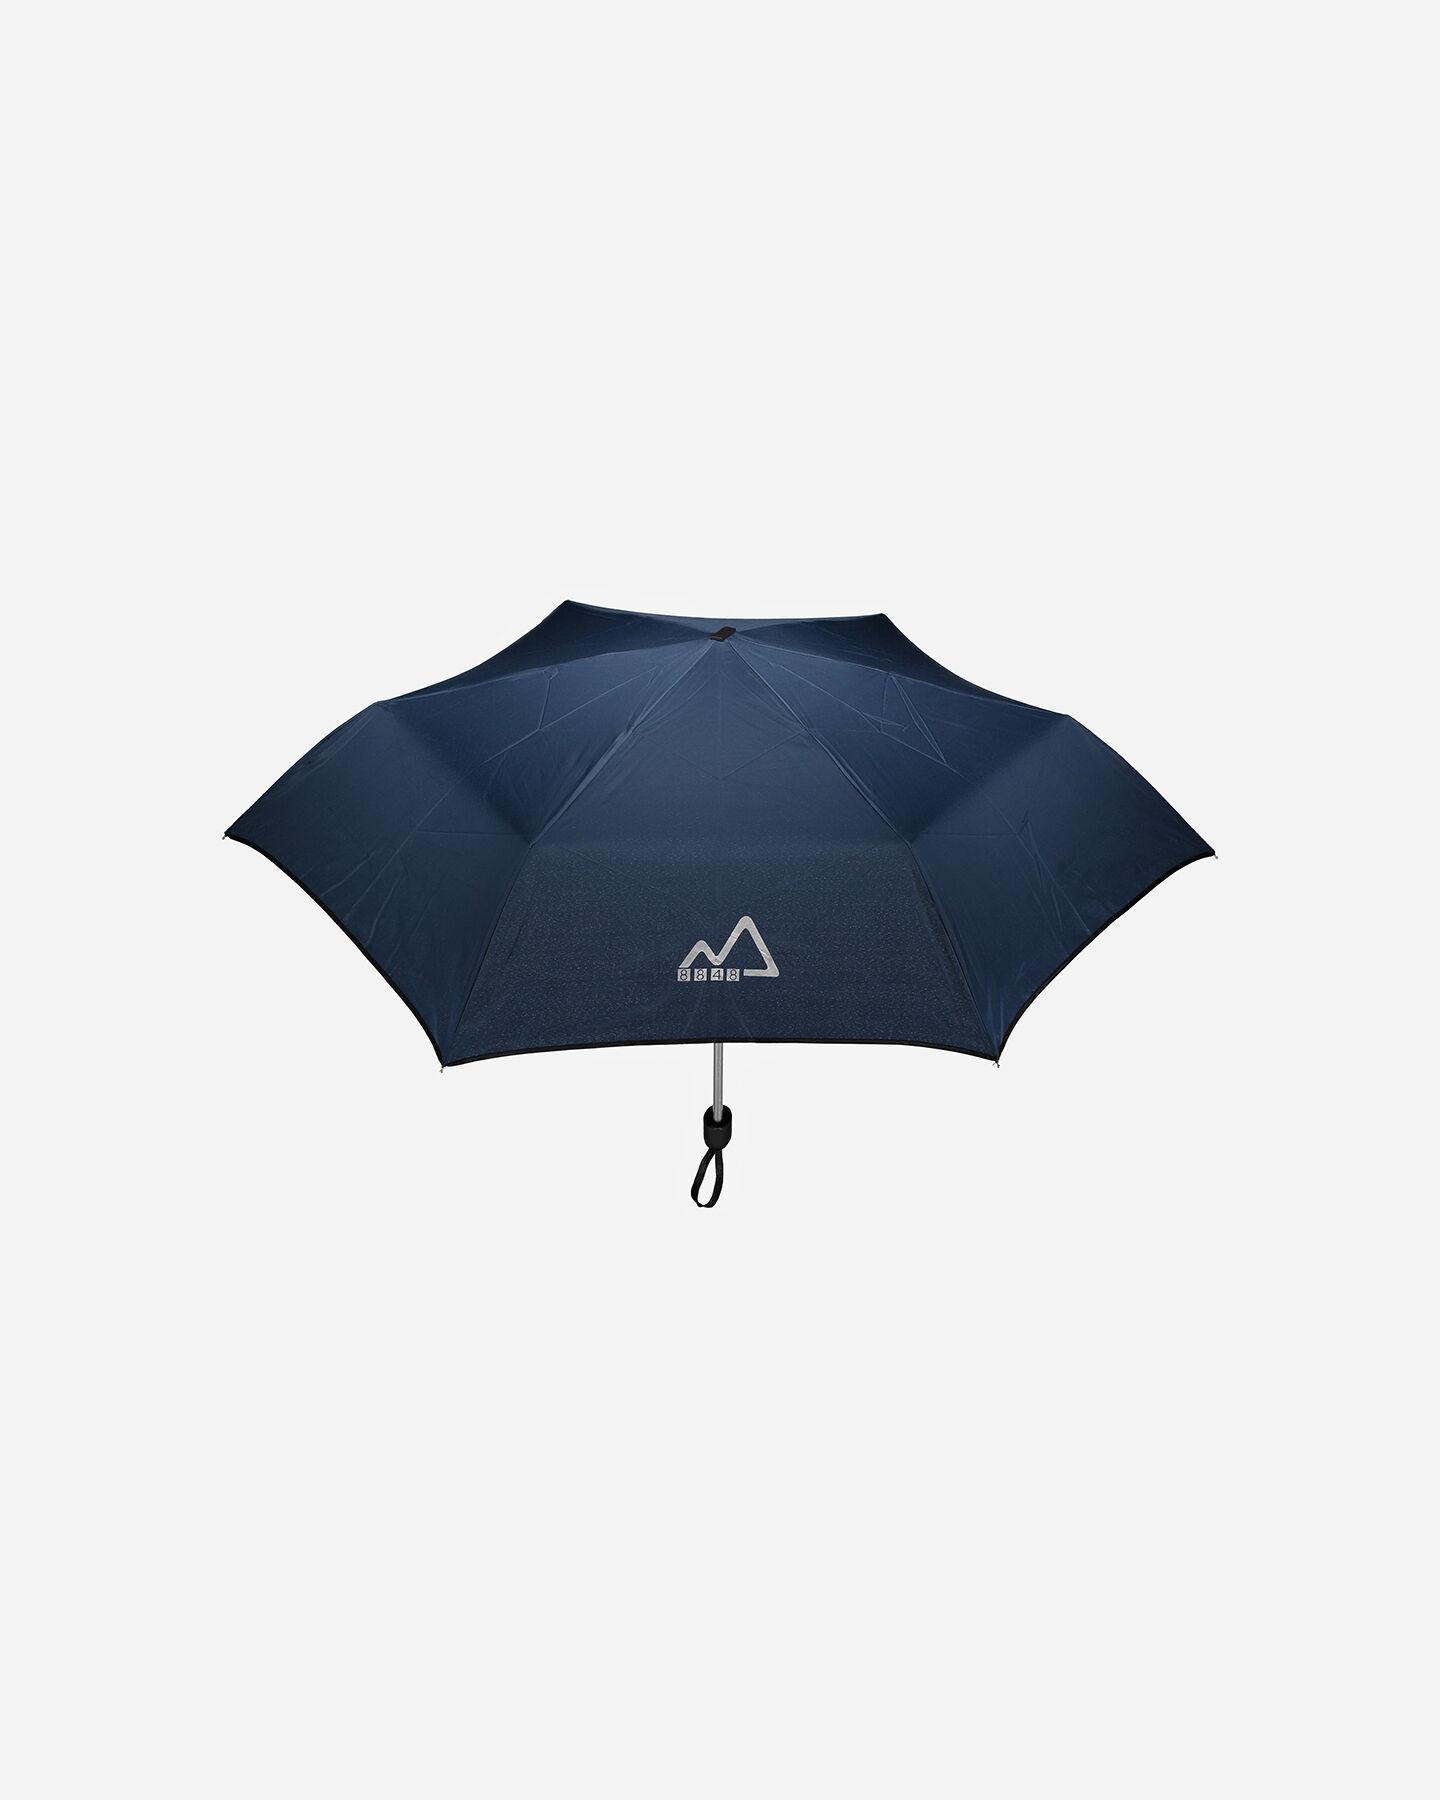 Ombrello 8848 RAIN PACKABLE S1283404 scatto 2